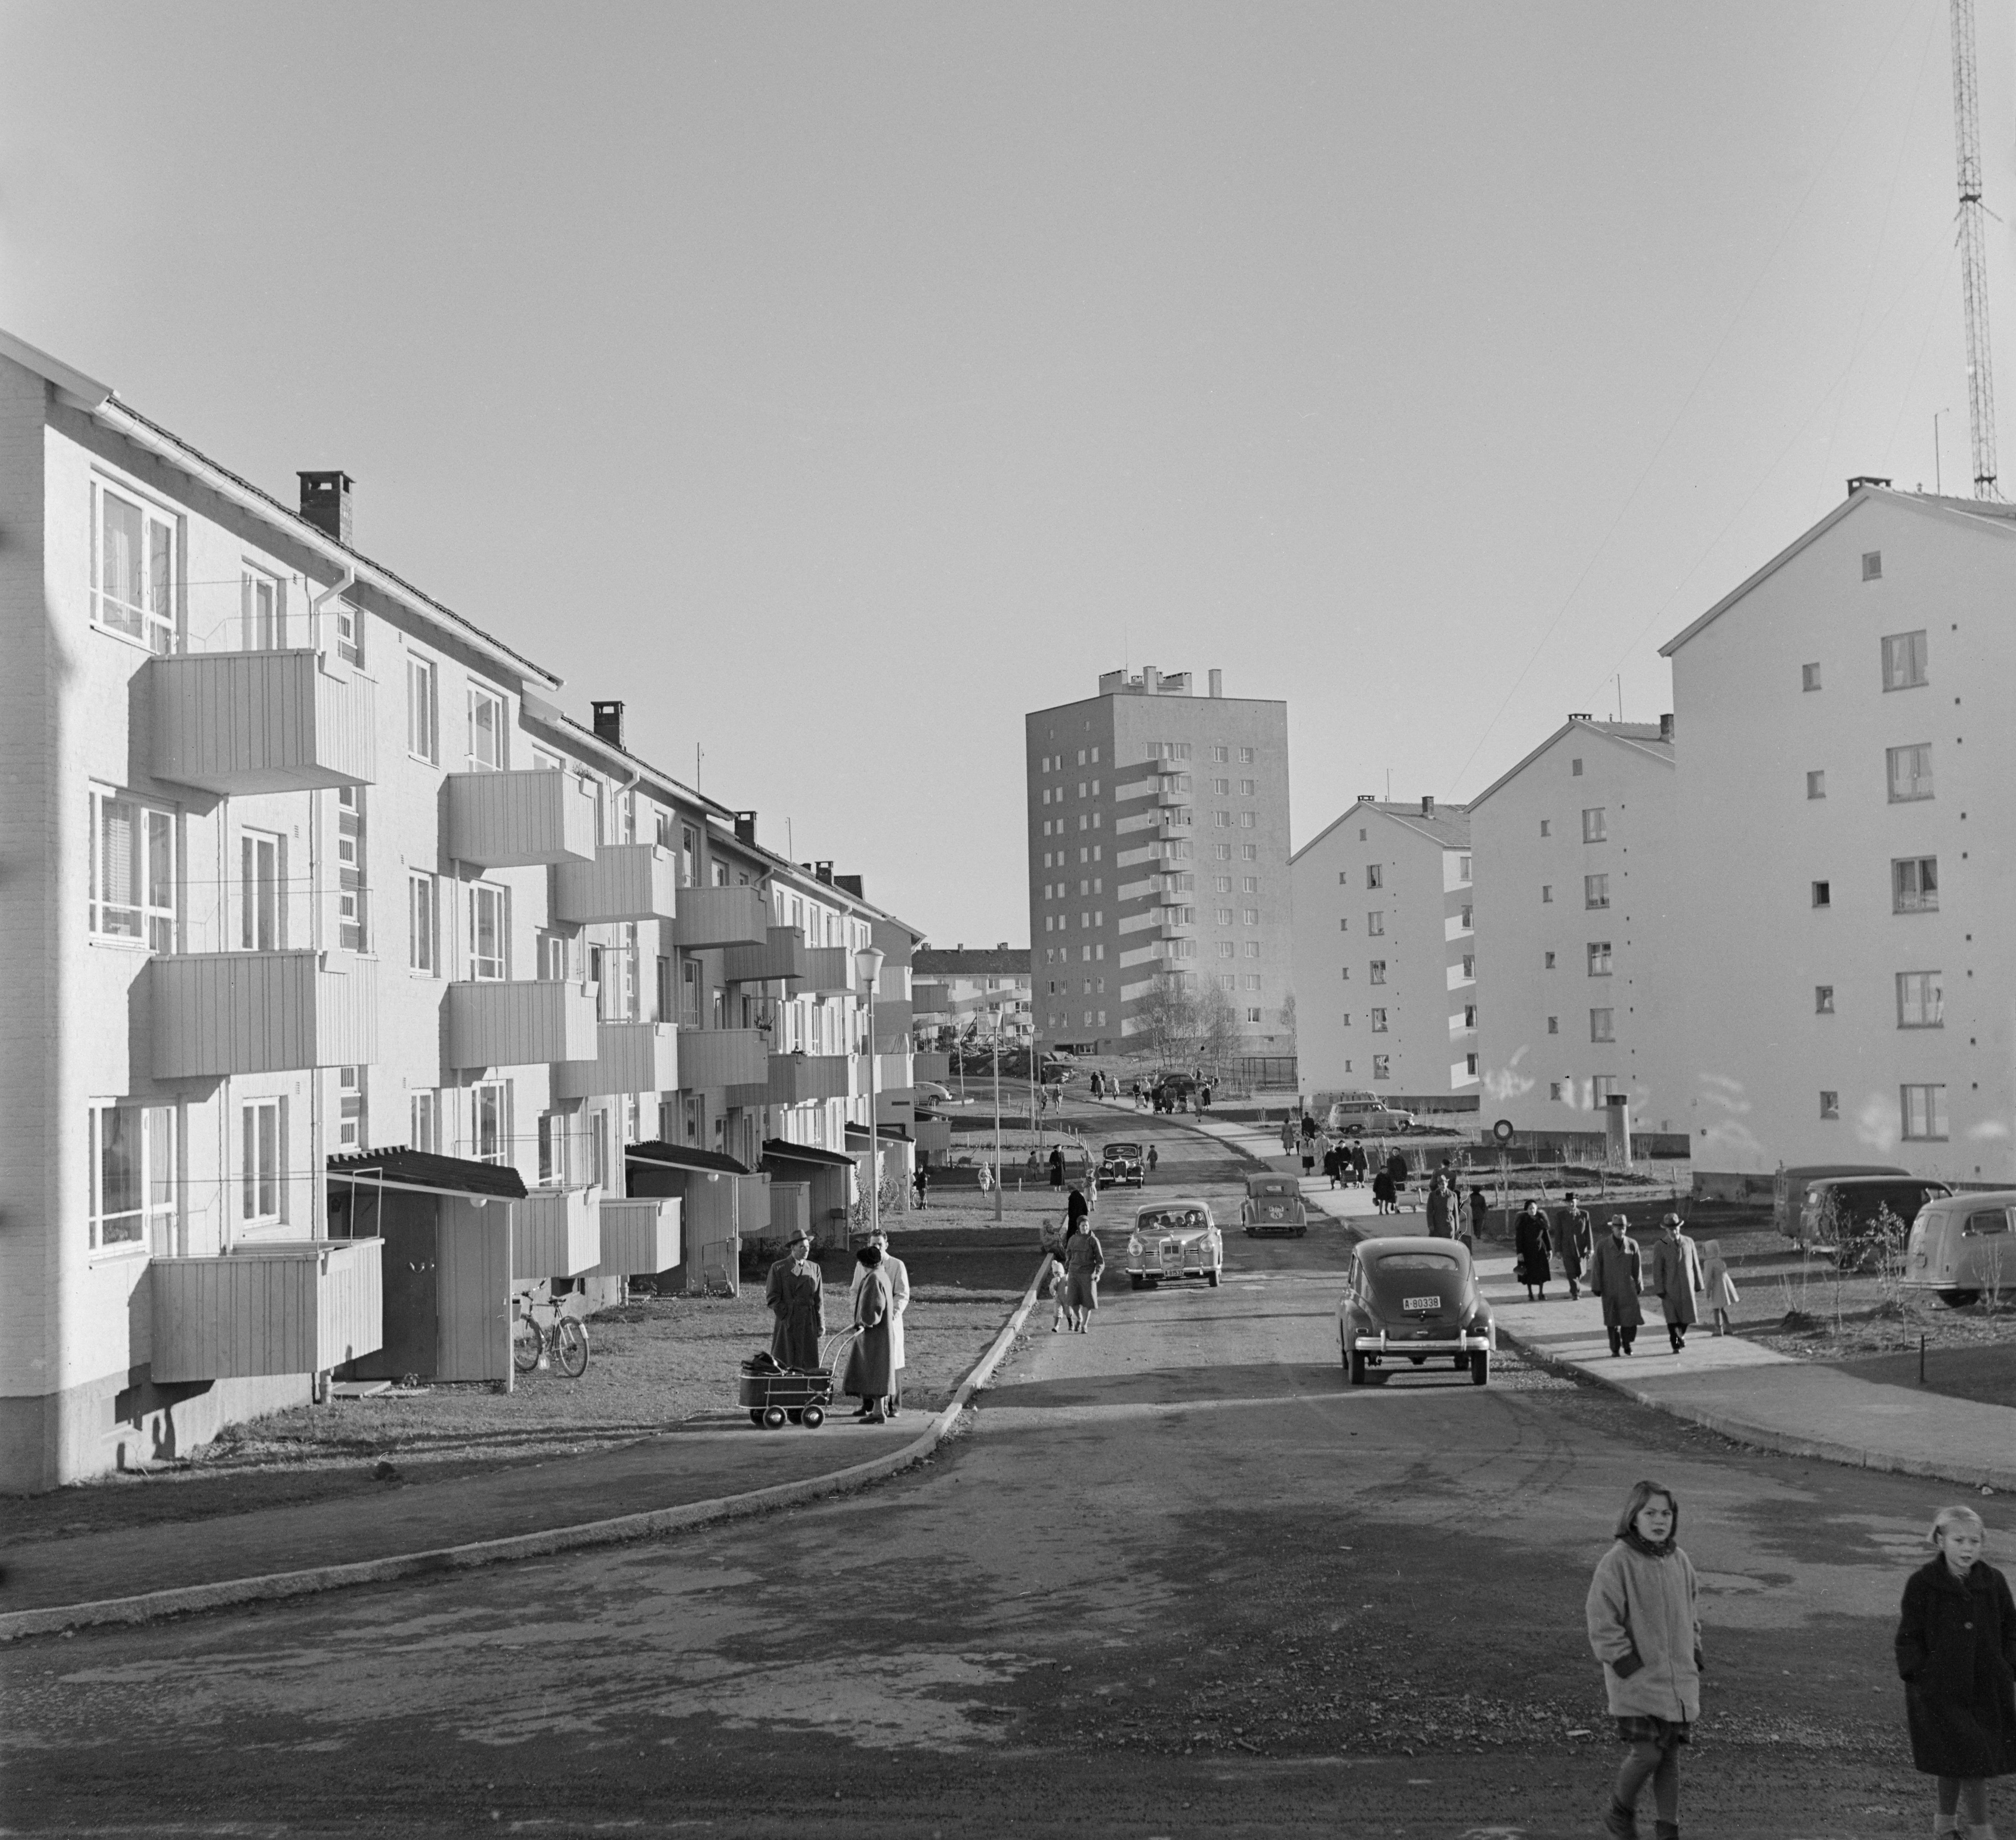 """Antenneveien på Lambertseter i 1958. Den høye blokka i bakgrunnen ble kalt for """"Gulosten"""". Fotograf: Leif Ørnelund, Oslo Museum OB.Ø58/2071b"""